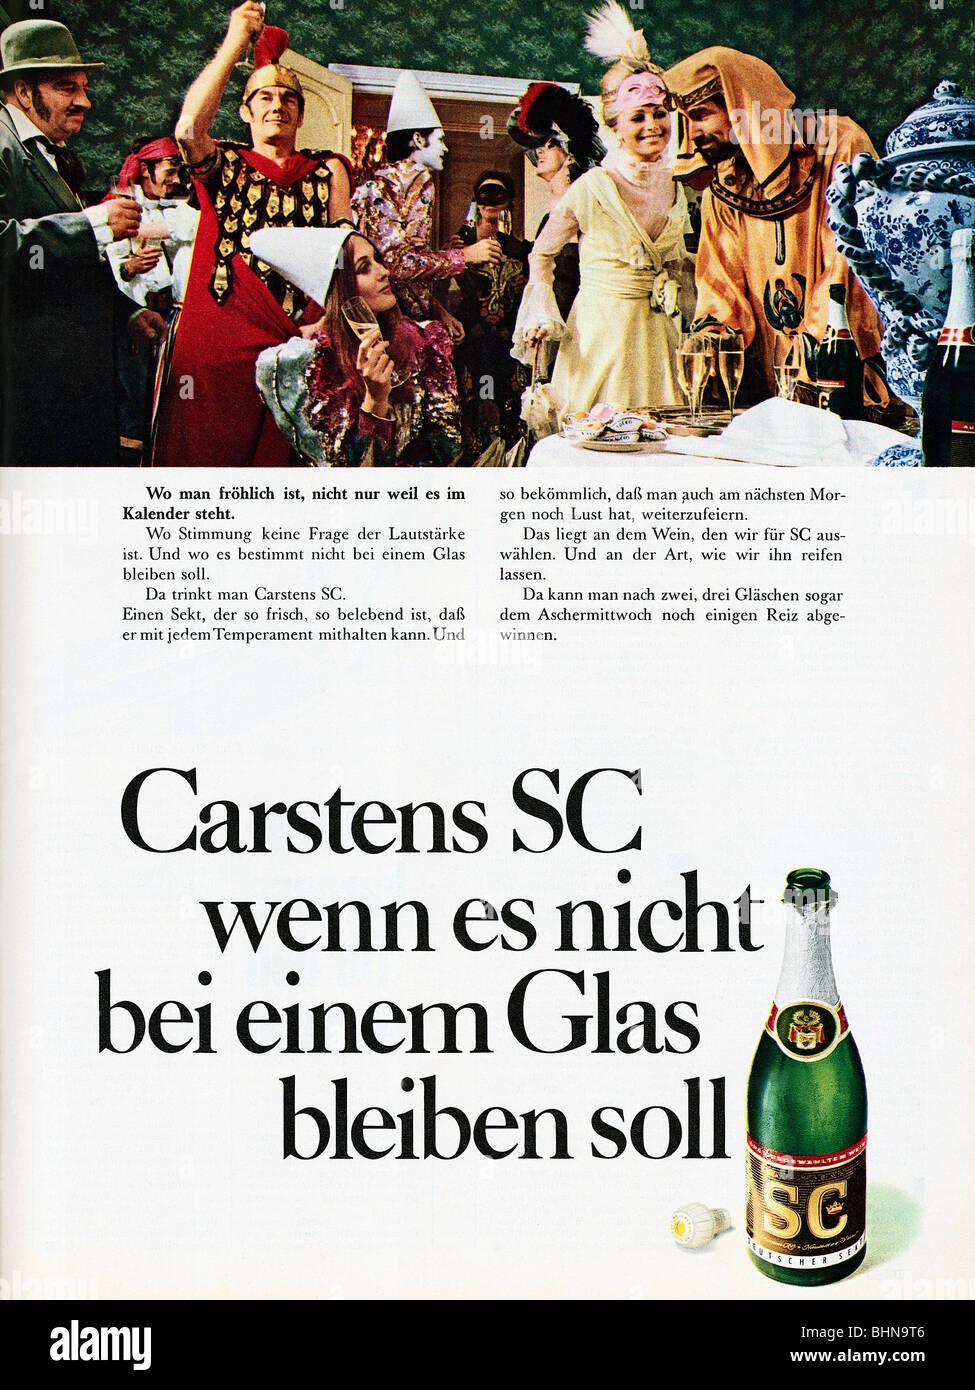 Werbung, Getränke, Sekt, Carstens SC \